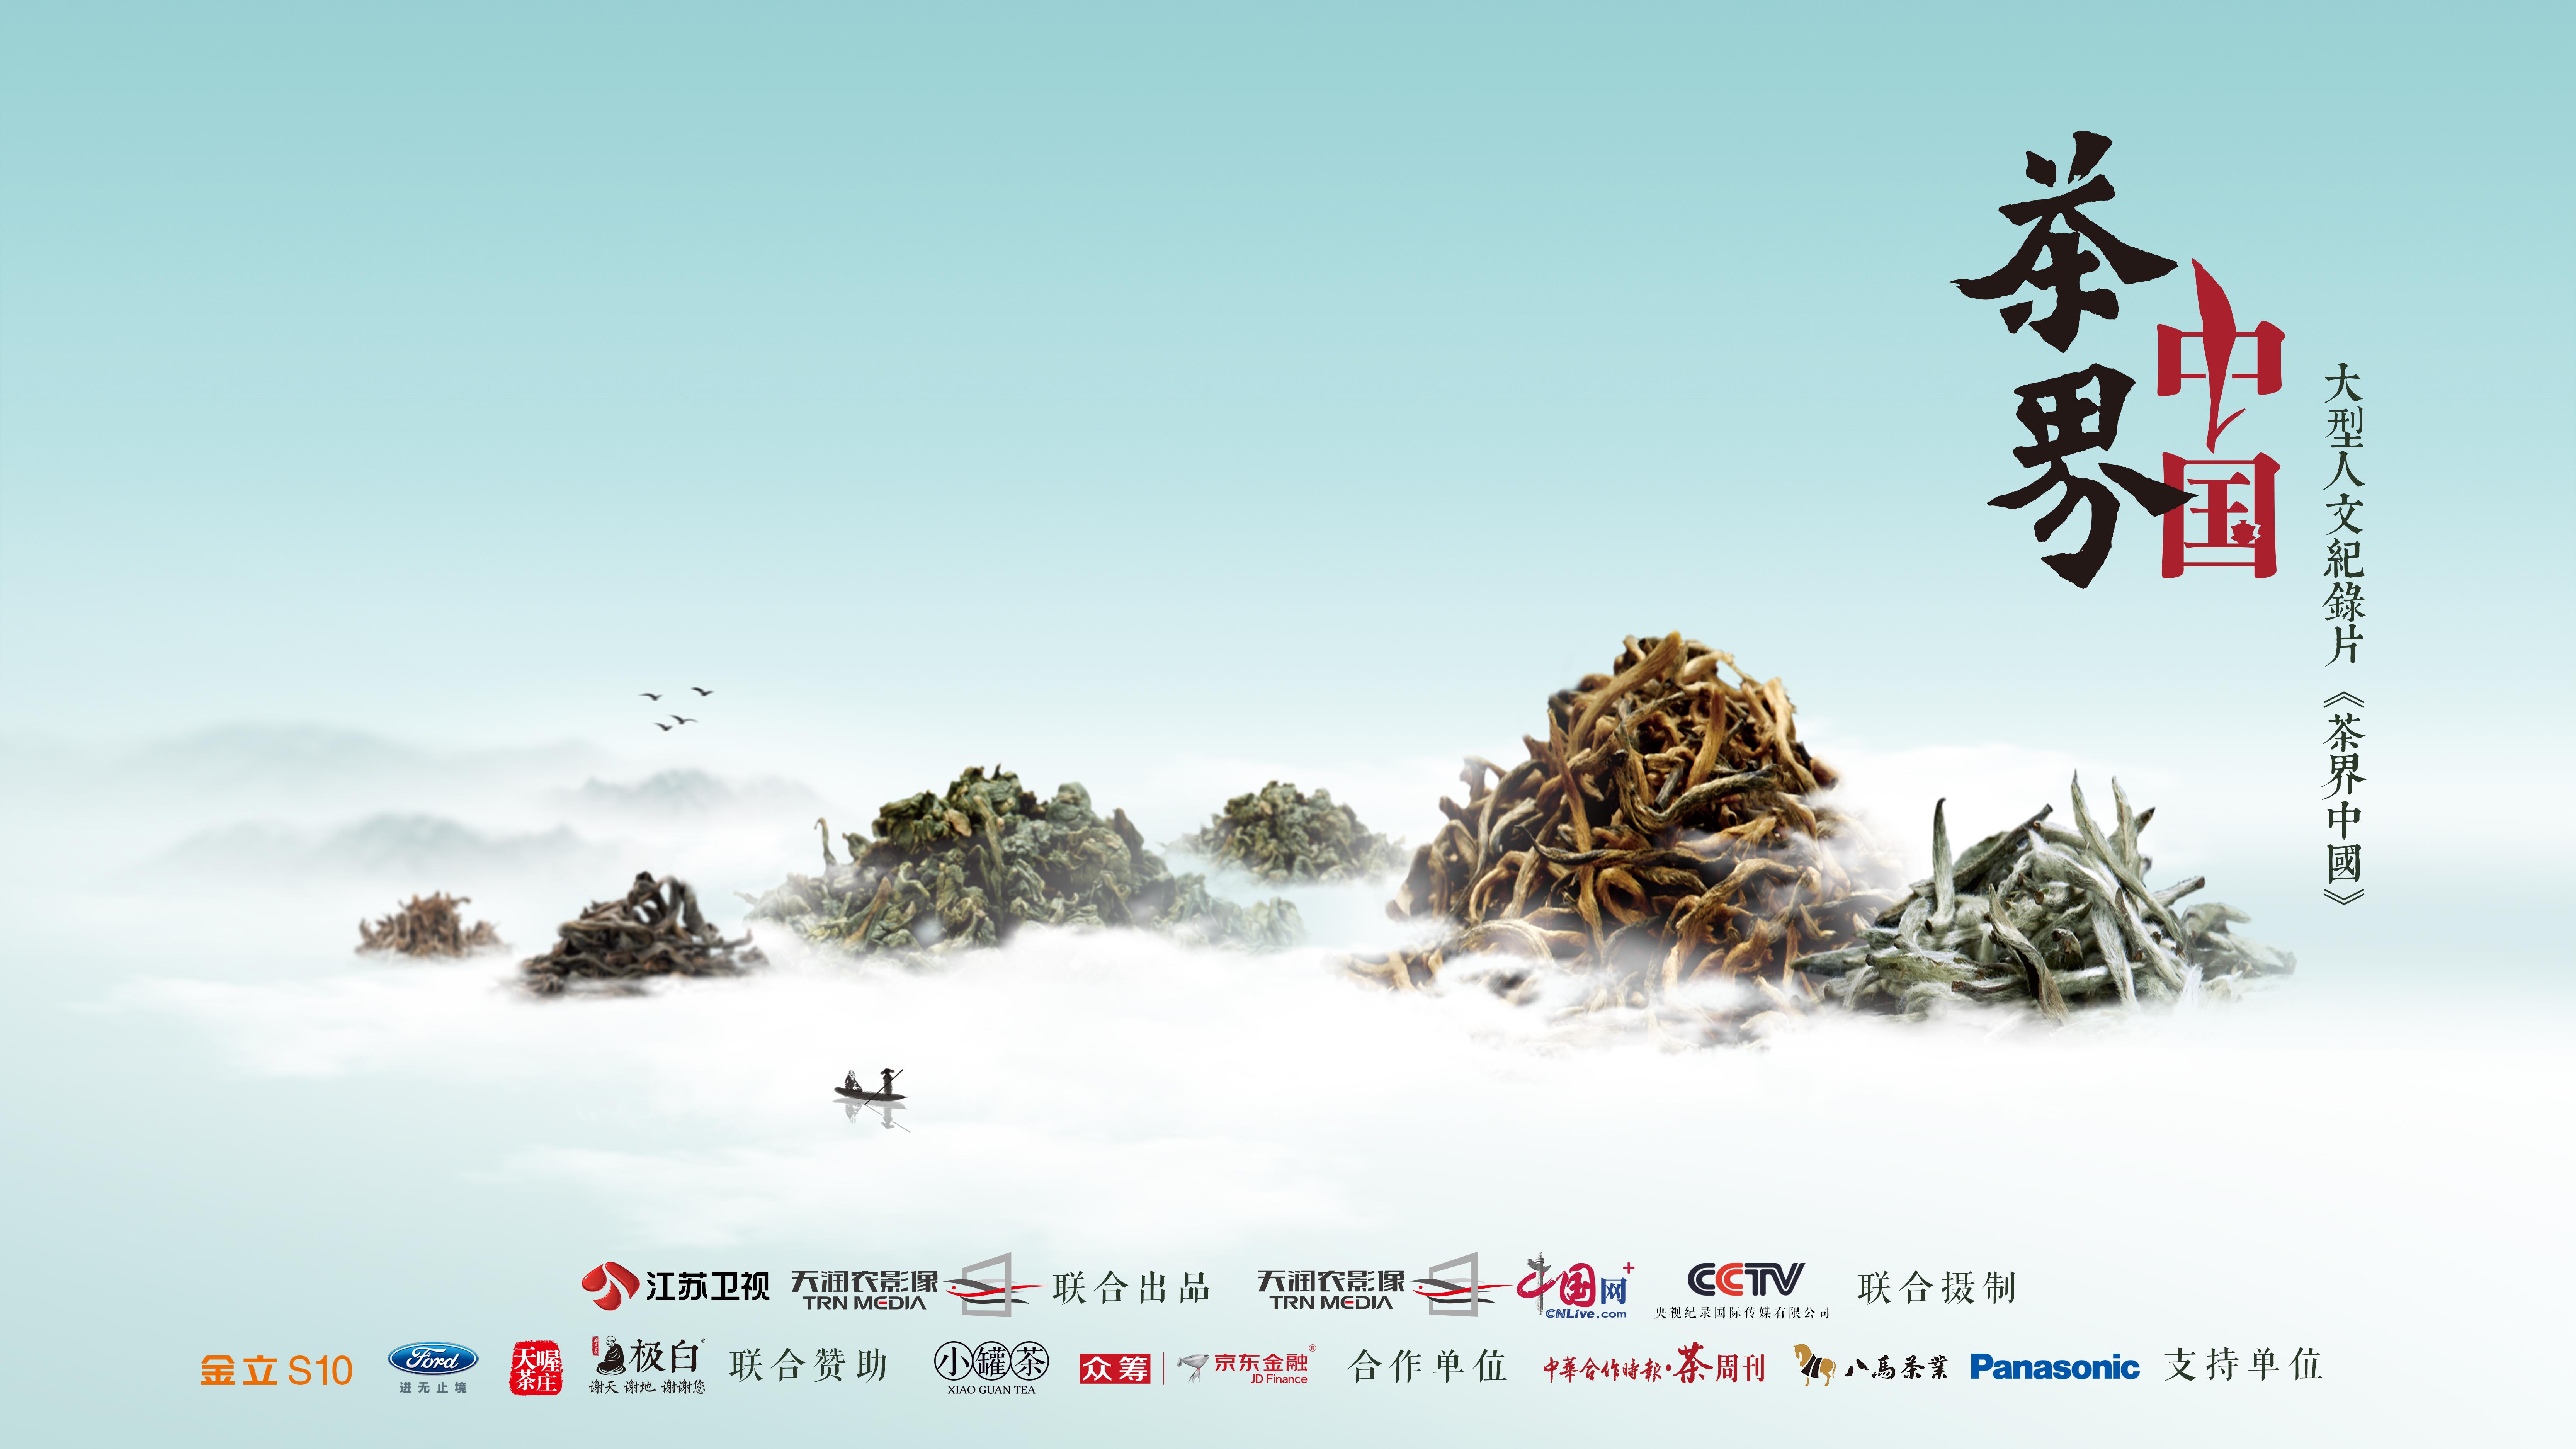 《茶界中国》江苏卫视火热开播